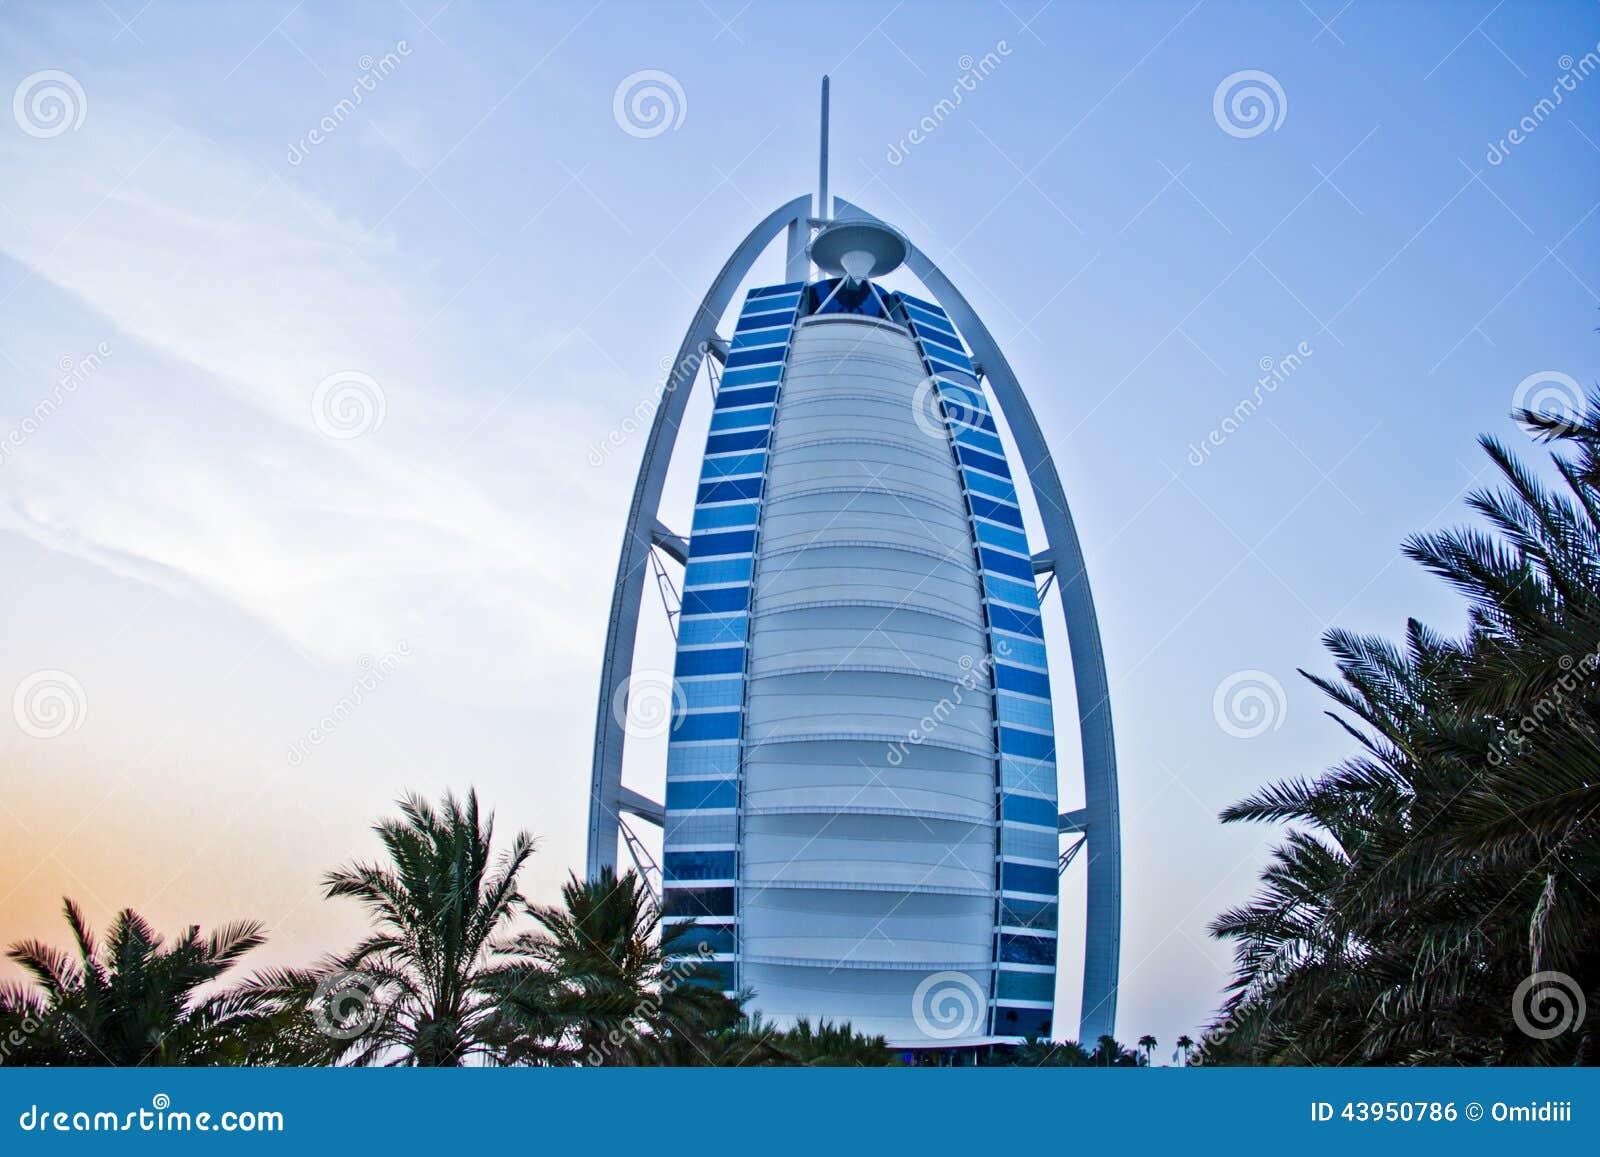 Burj al arab 7 star hotel in sunset stock photo image for Burj al arab 7 star